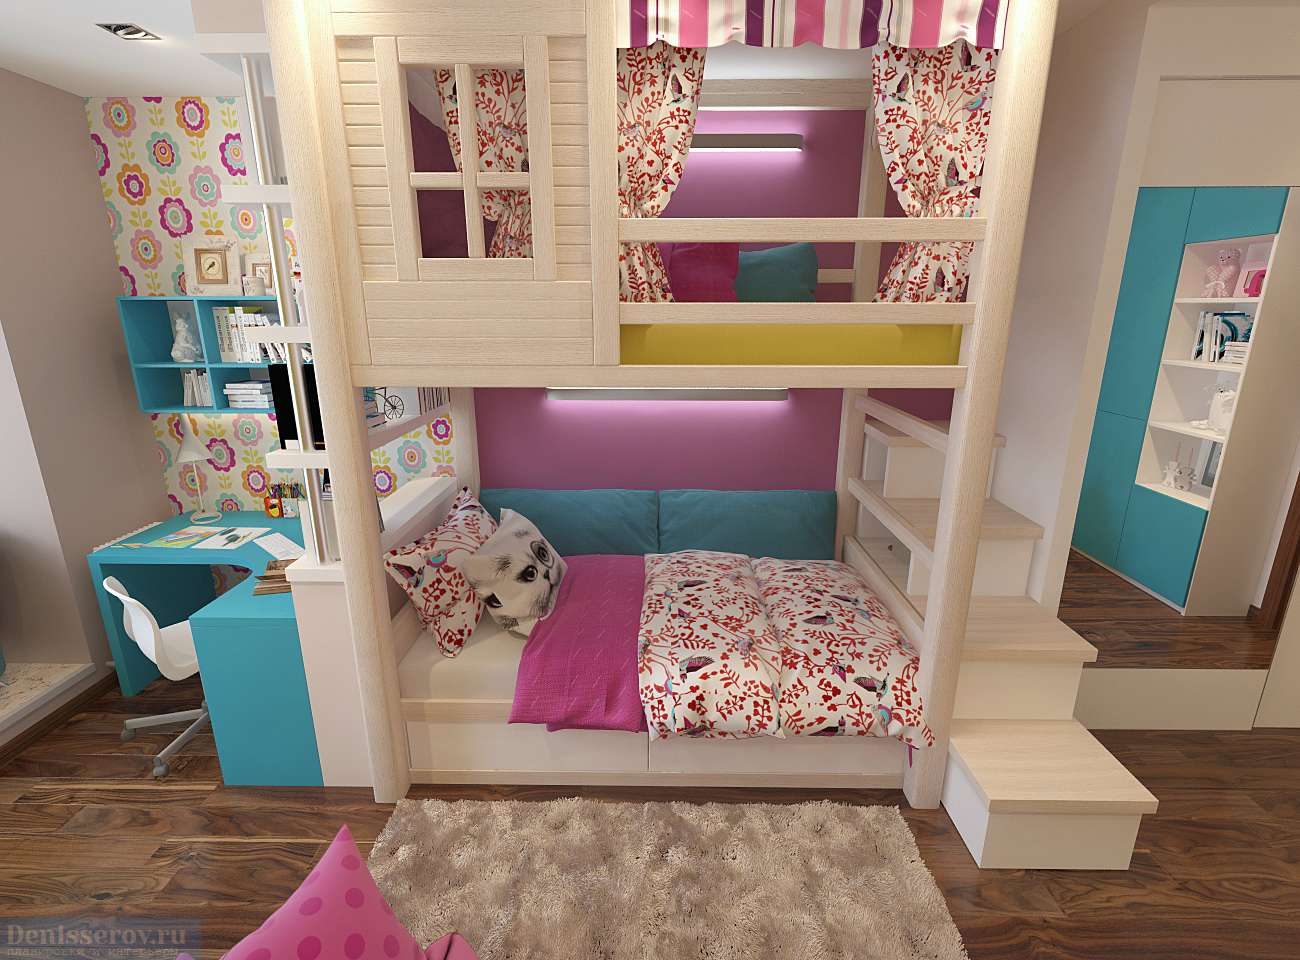 Двухъярусная кровать в детскую комнату, все «за» и «против»